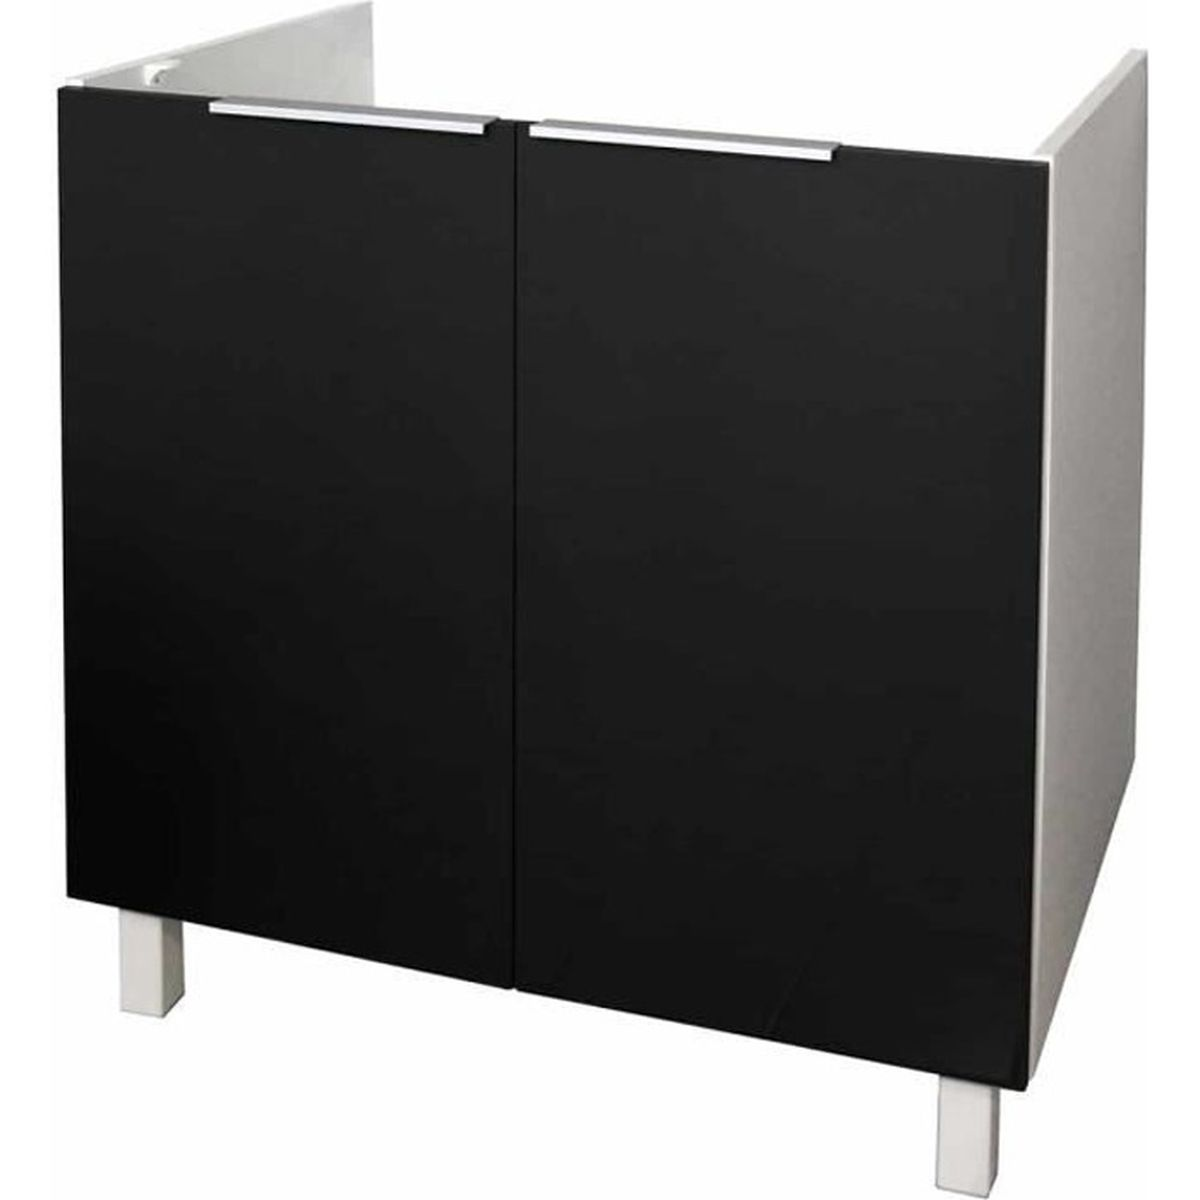 Meuble de cuisine bas sous évier - 14cm - Noir - Élément séparé